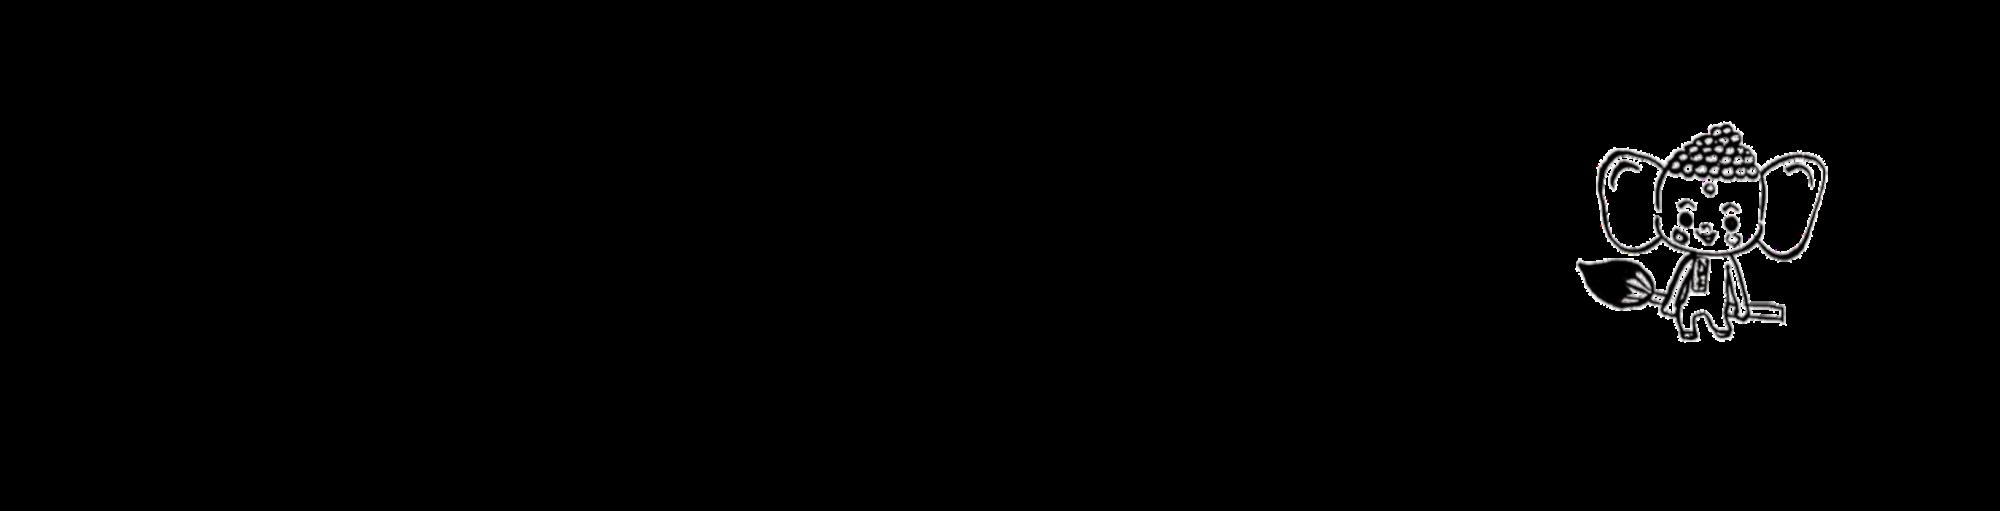 愛媛県今治市のお寺 天祥山常髙寺(浄土真宗本願寺派)